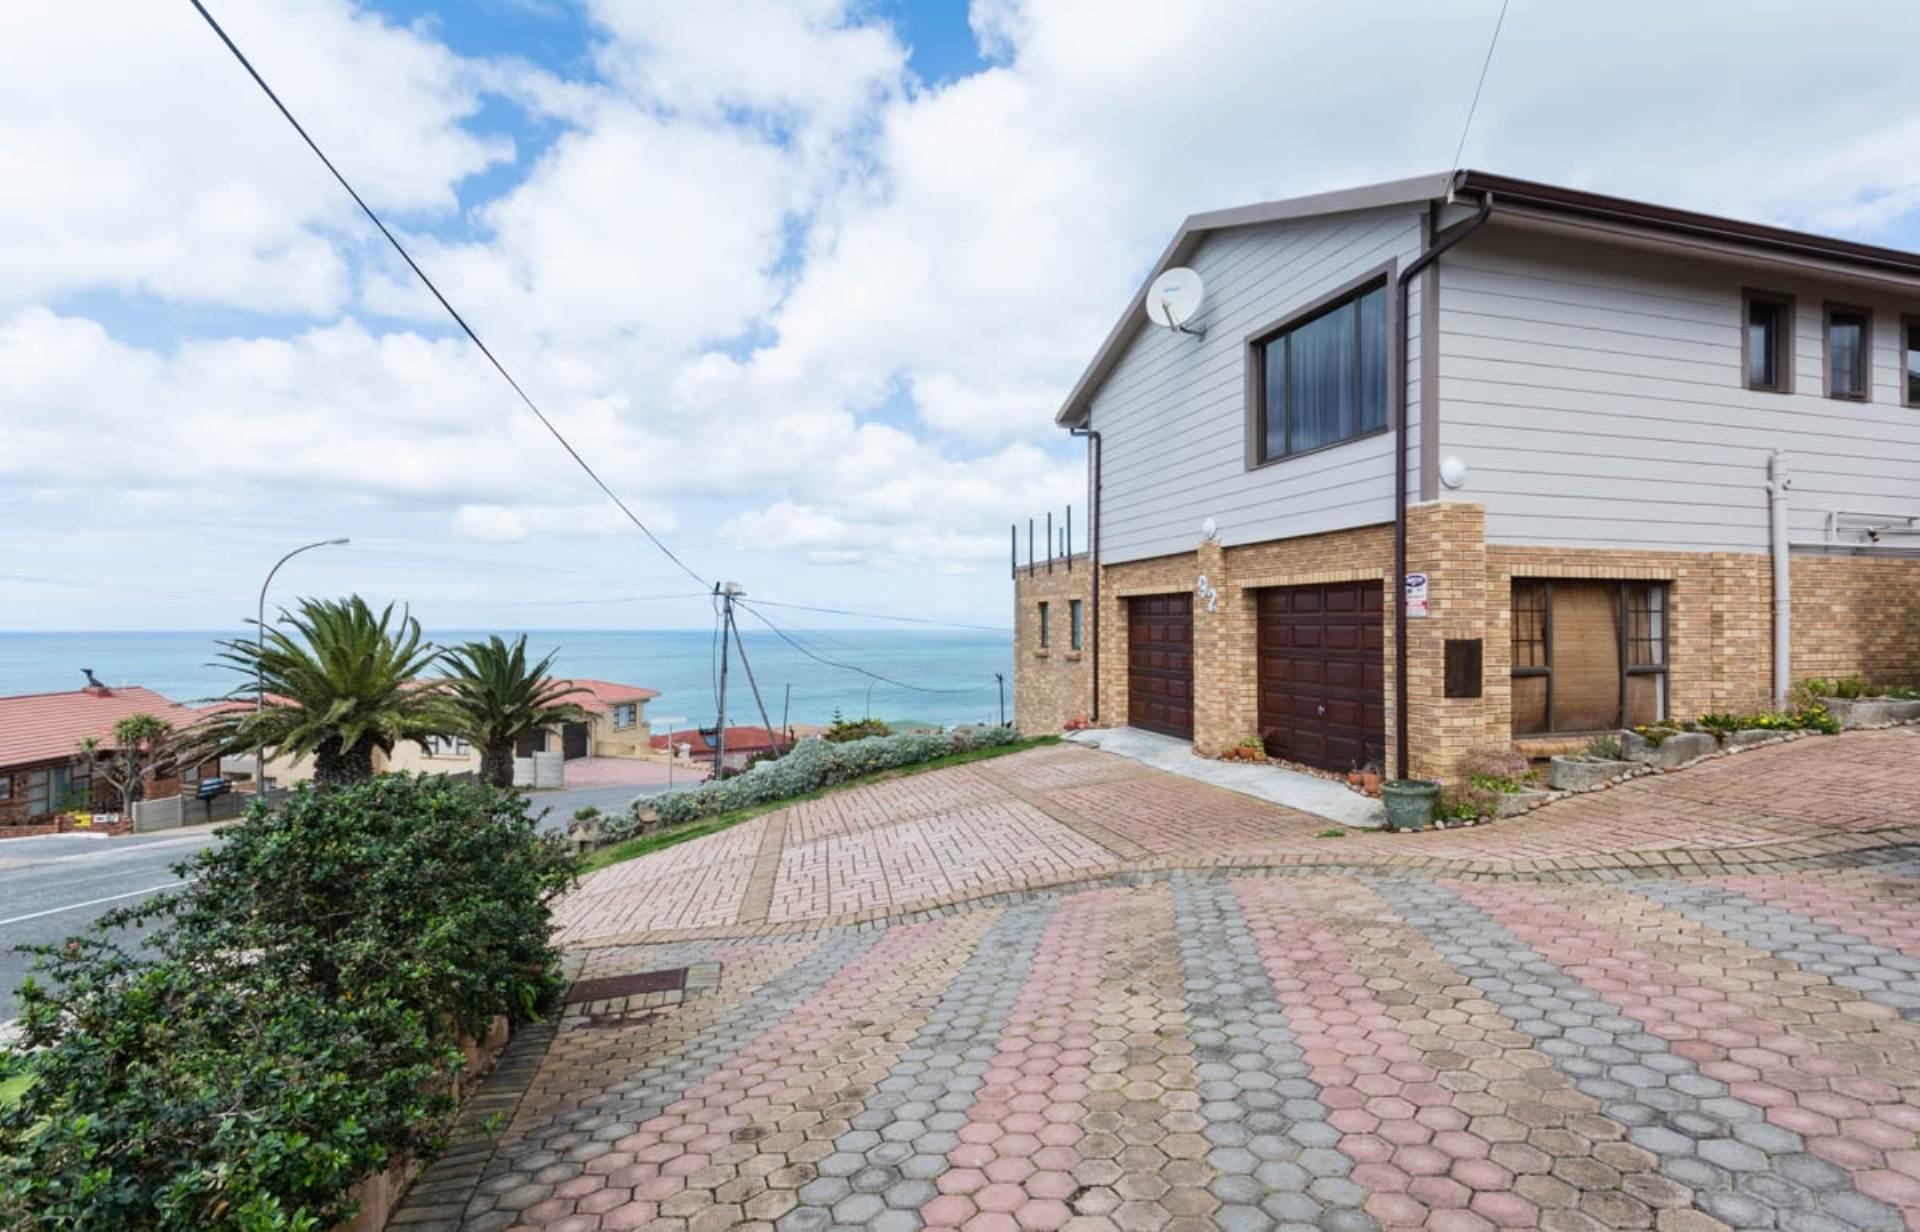 6 BedroomHouse For Sale In Dana Bay